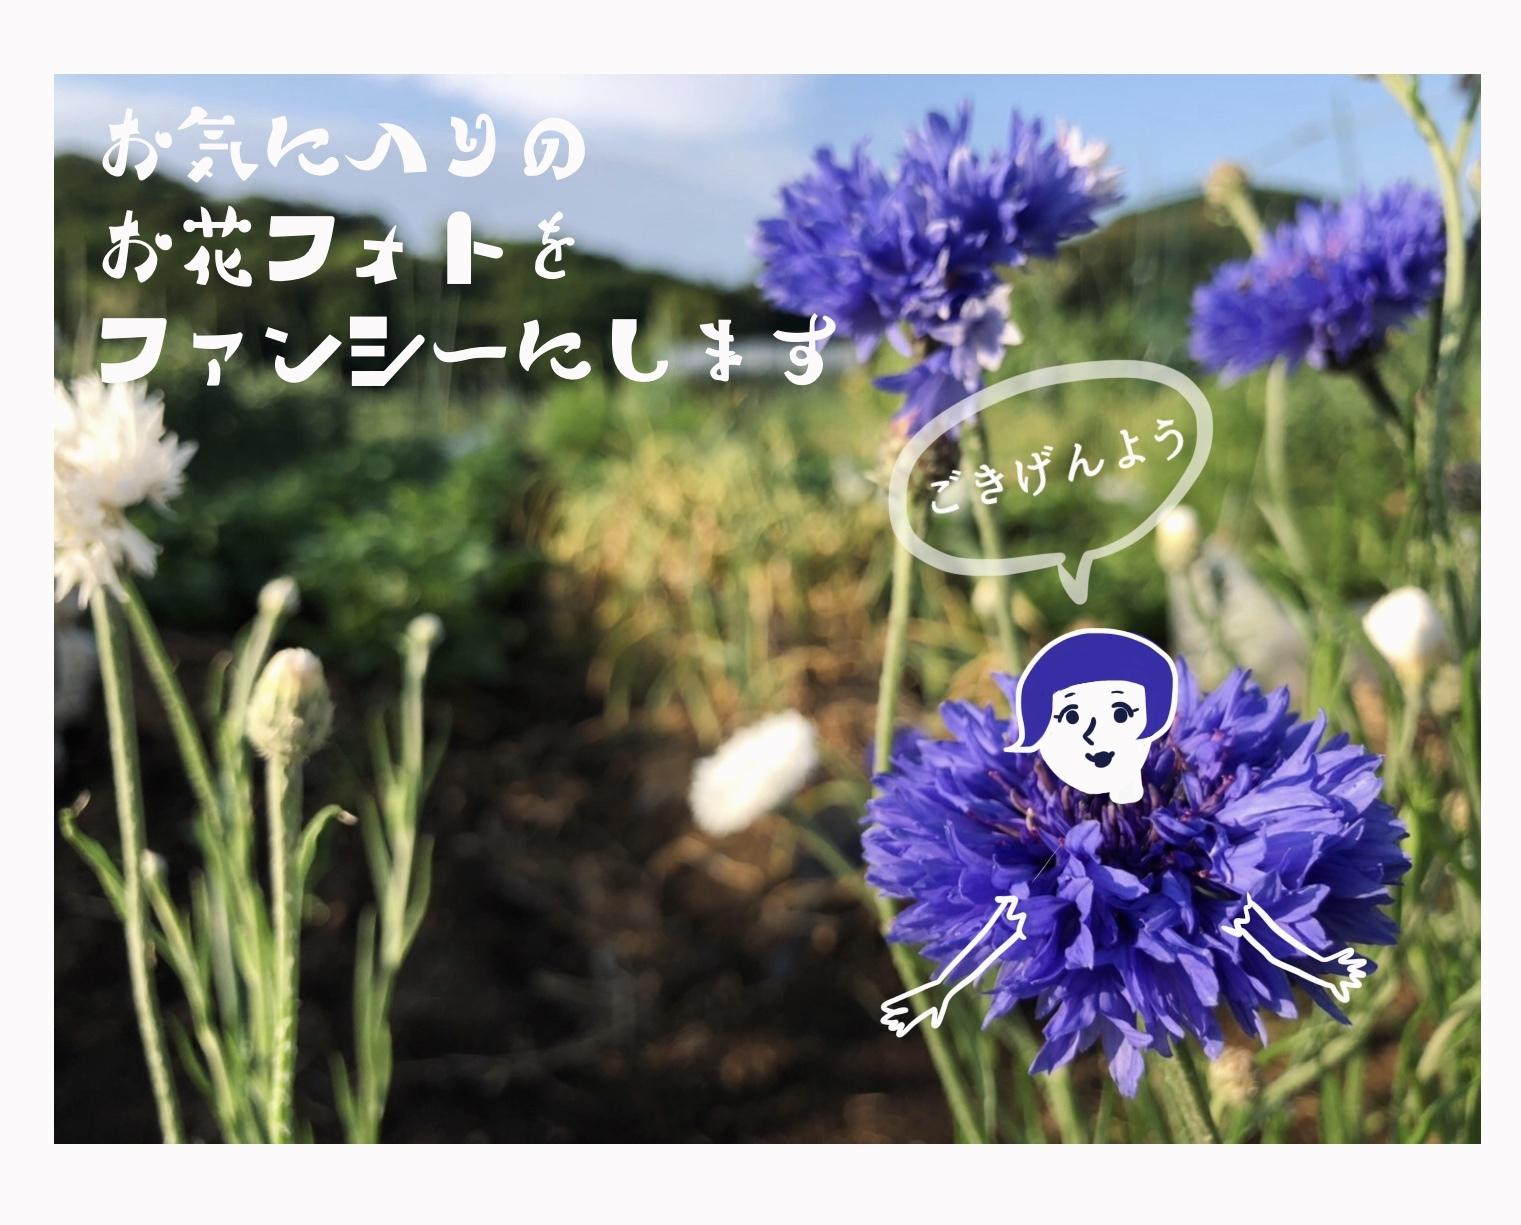 あなたのお気に入りのお花フォトをファンシーにします